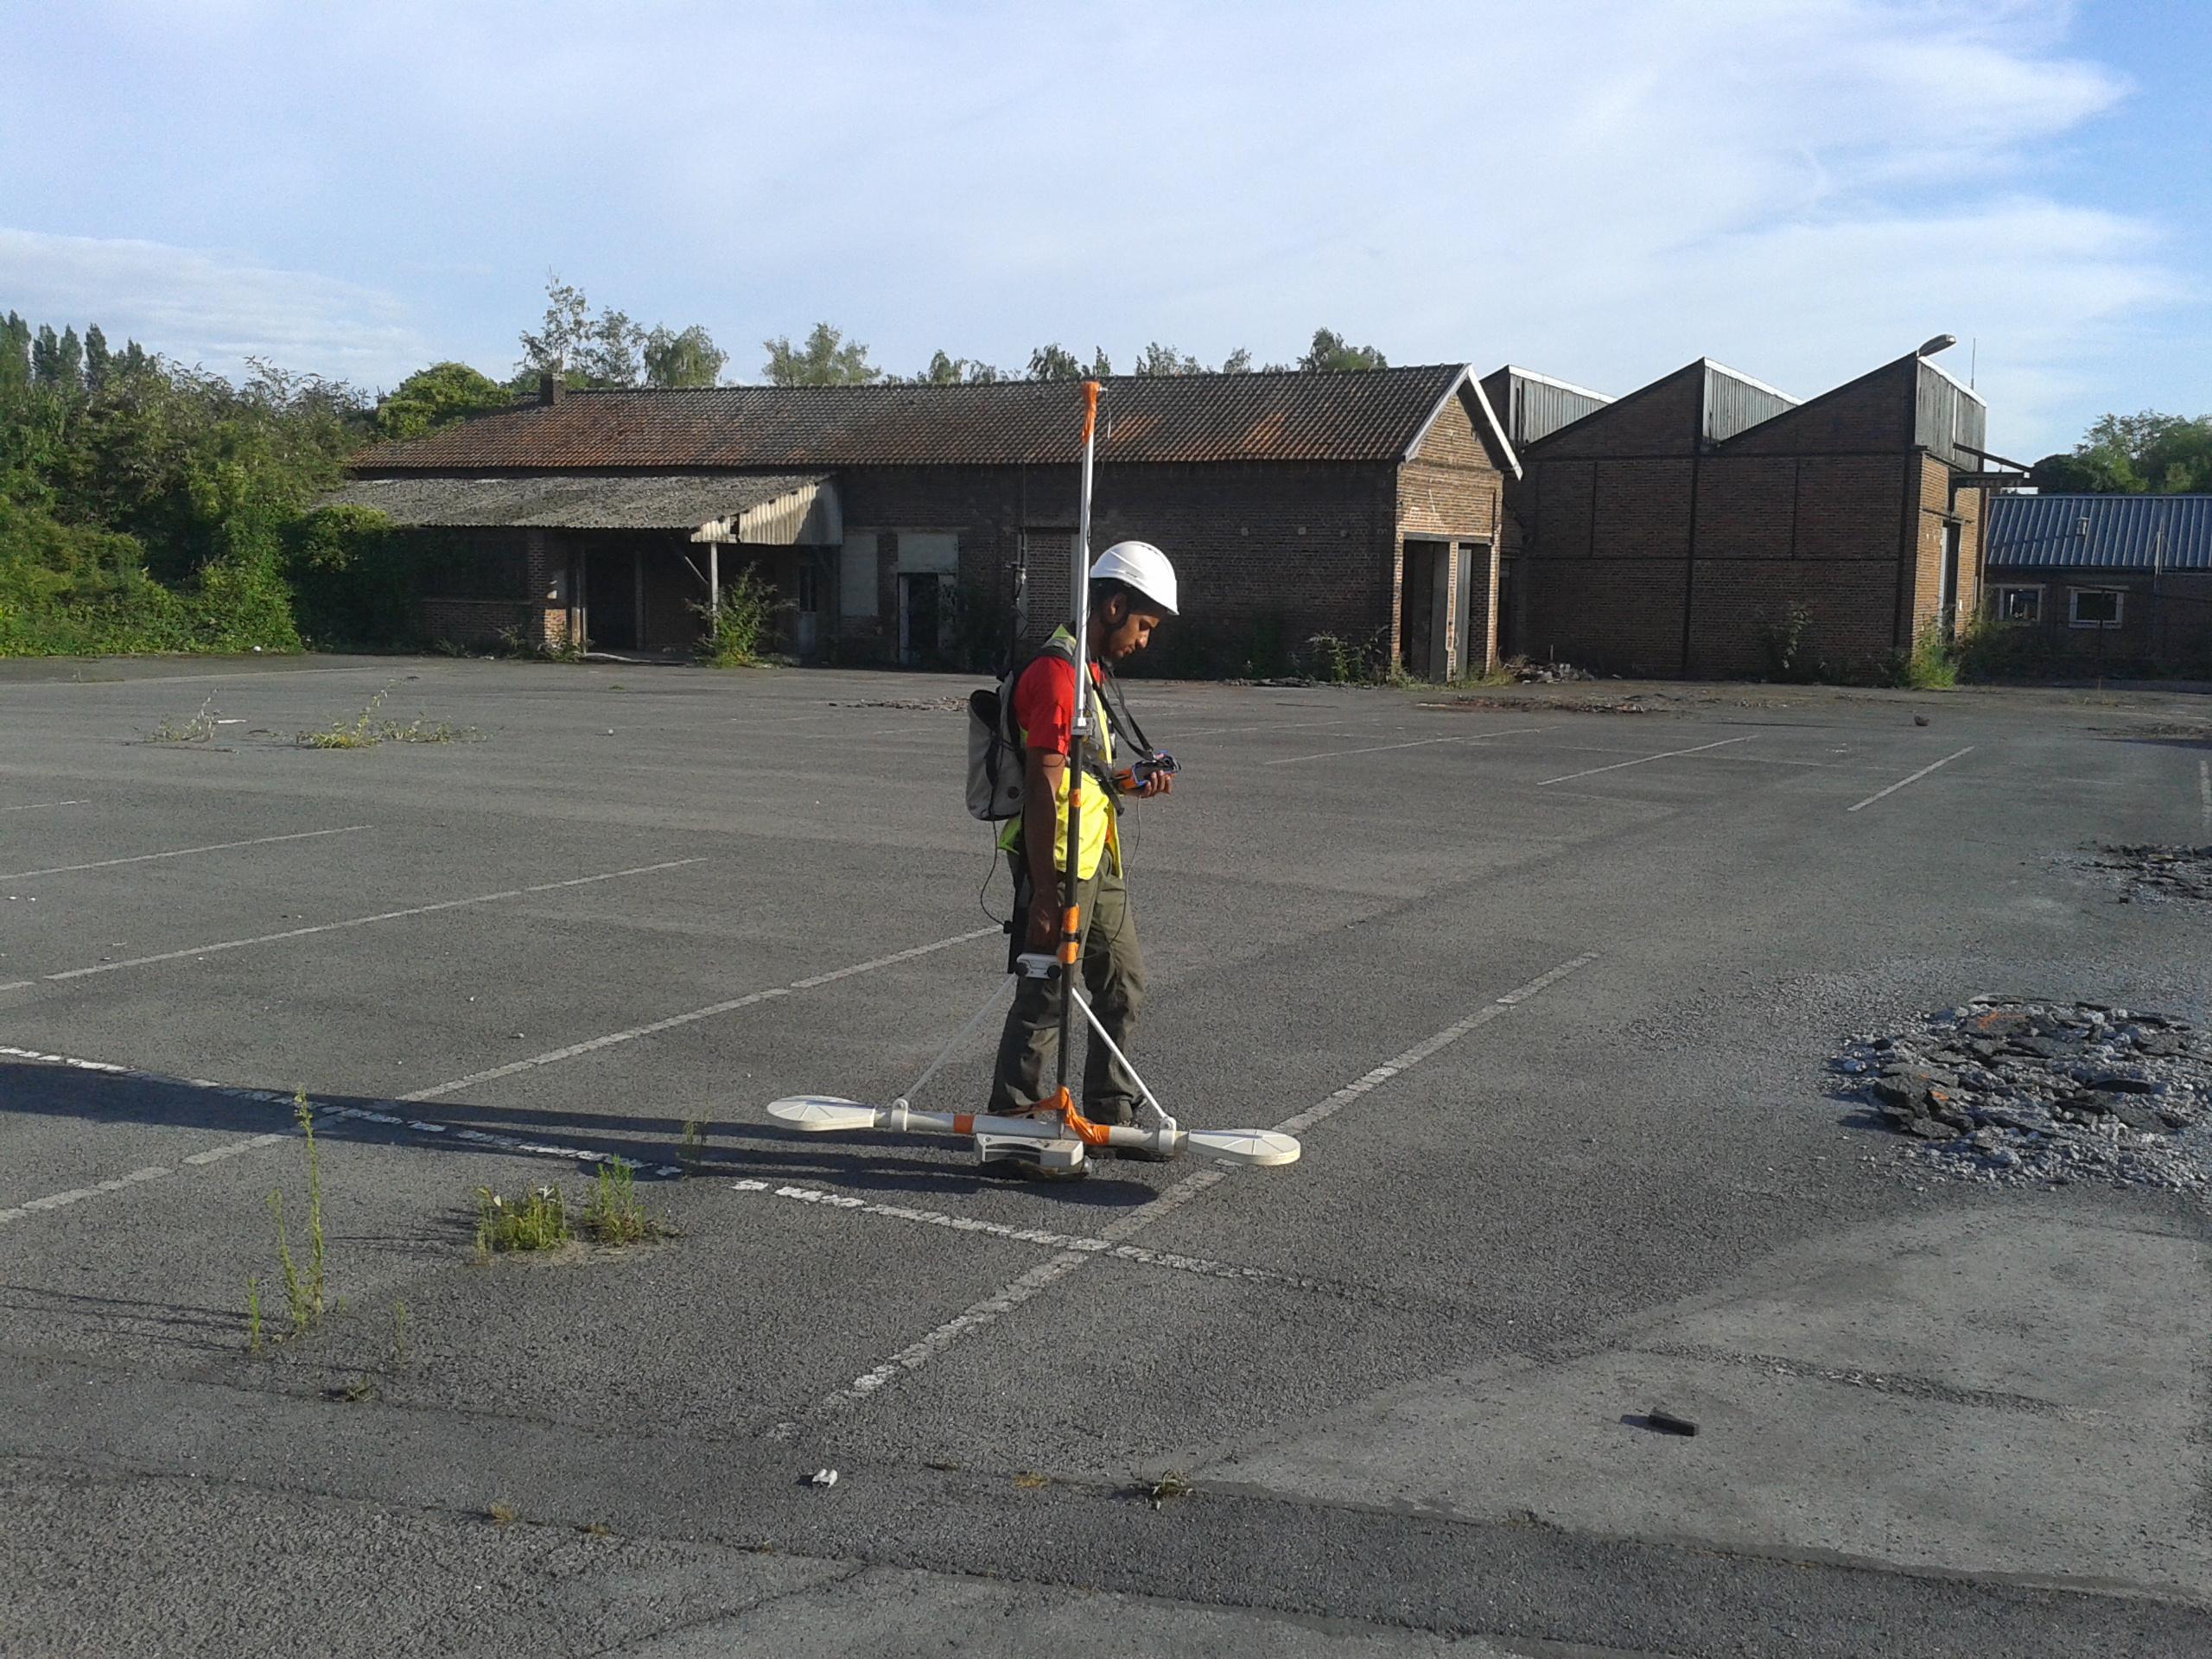 Reconnaissance géophysique par méthodes radar stream 200 Mhz et Profiler dans le cadre du démantèlement d'un site industriel sur Valencienne (59).